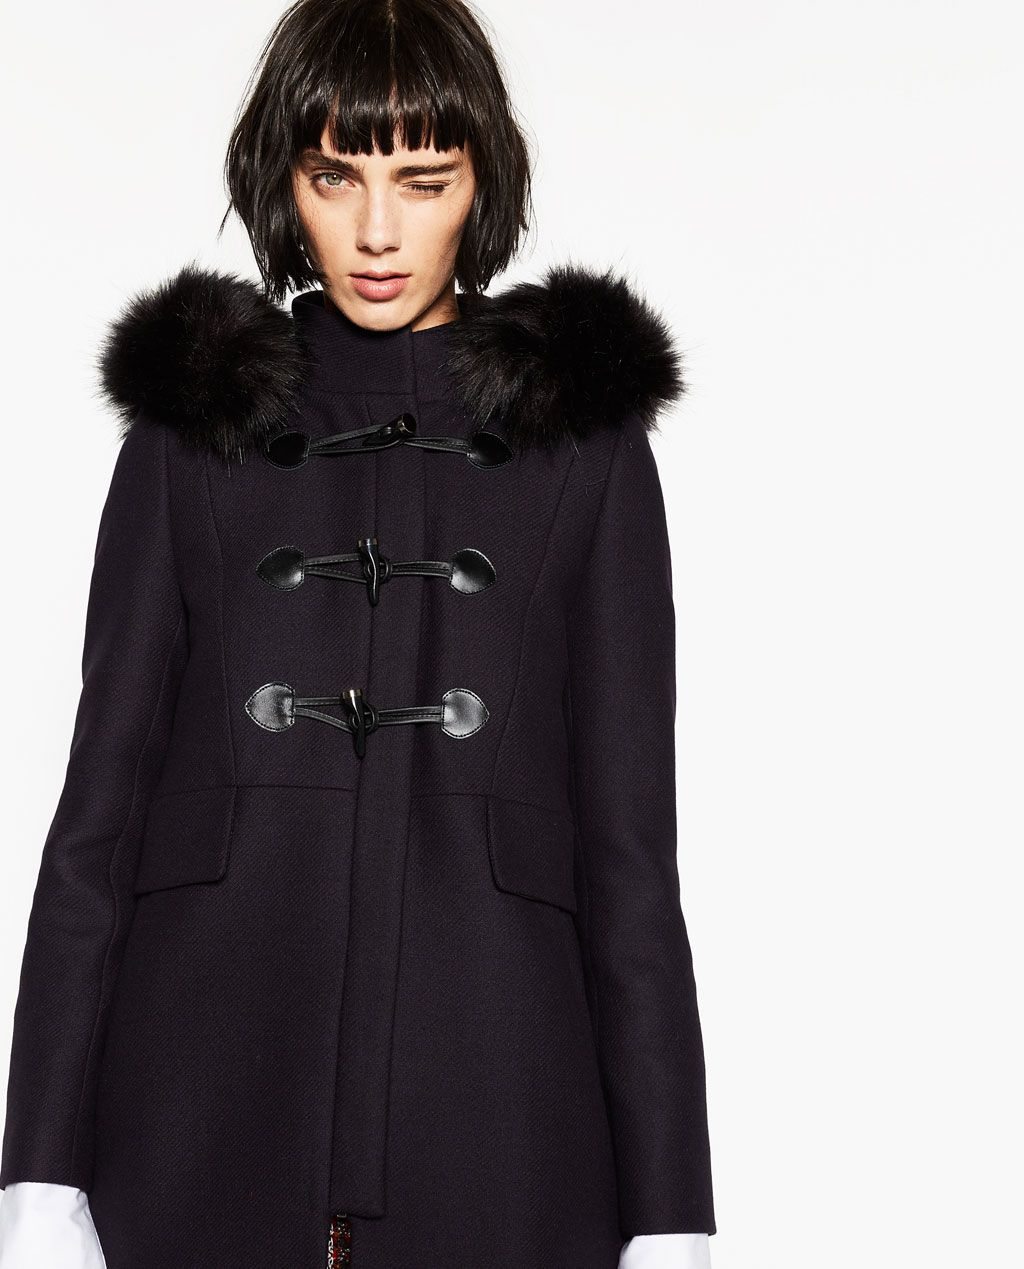 manteau femme noir avec col fourrure noir vestes la. Black Bedroom Furniture Sets. Home Design Ideas